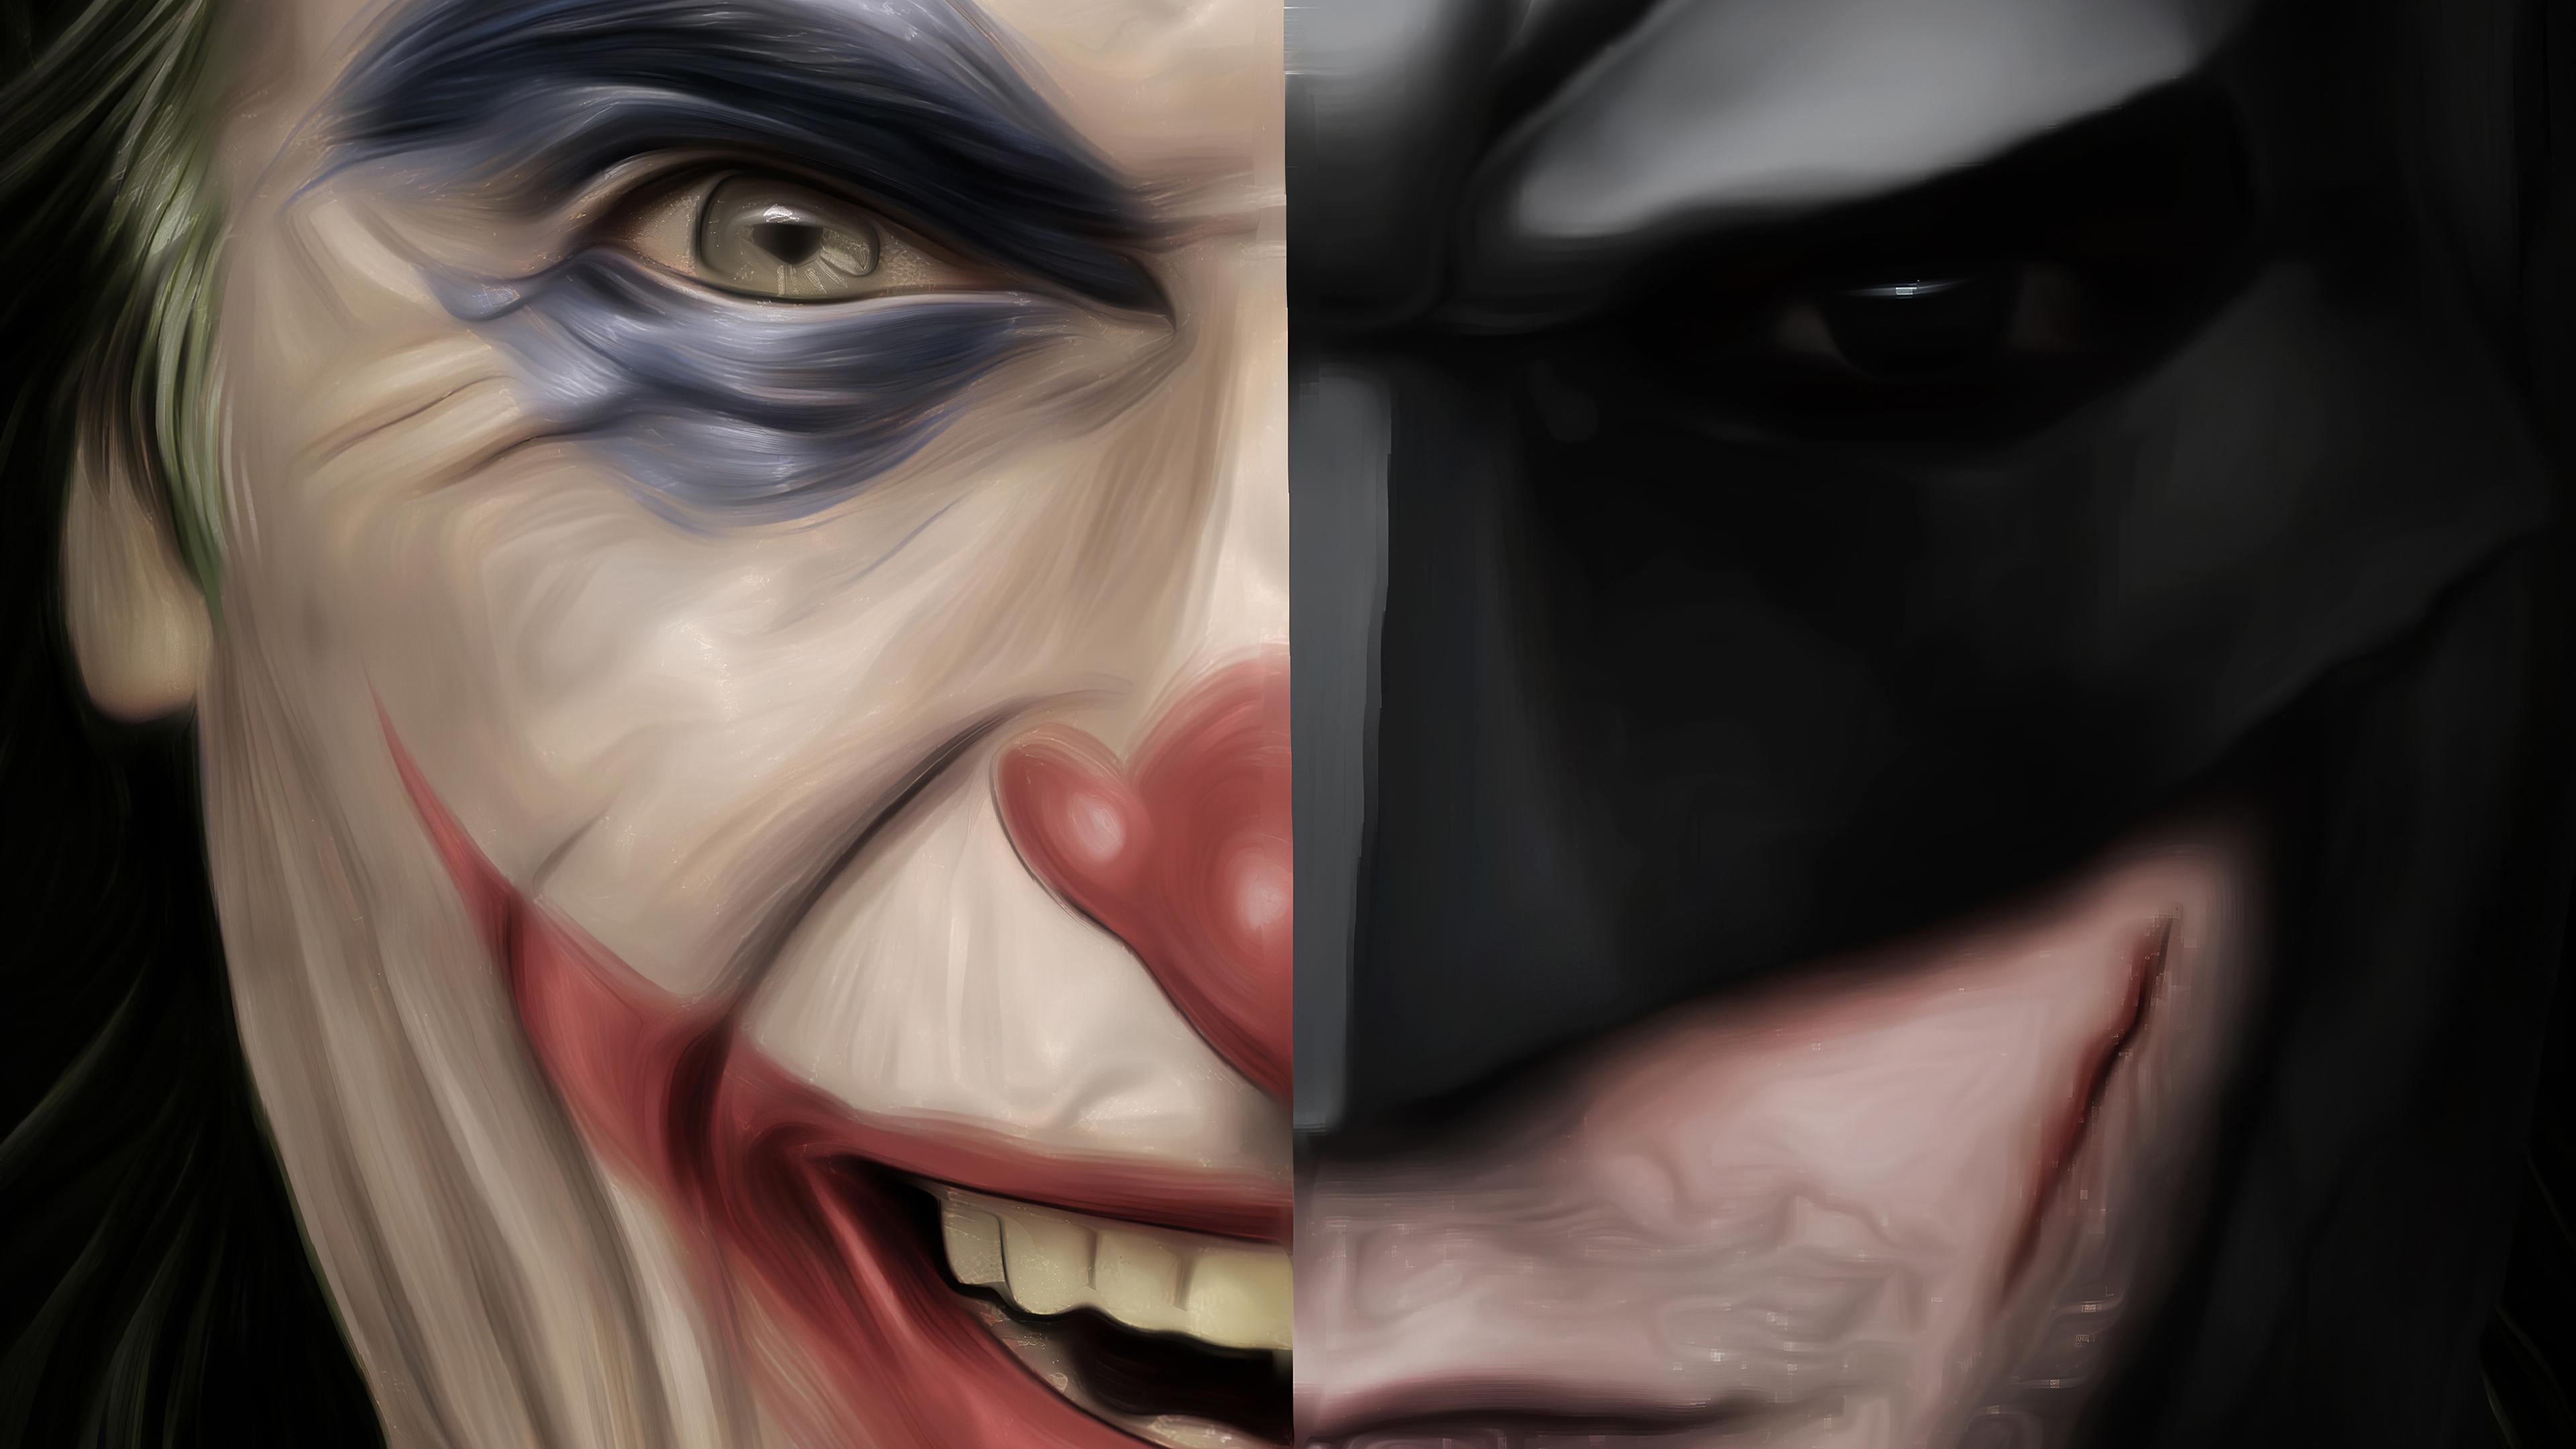 batman x joker 1572368692 - Batman X Joker - superheroes wallpapers, joker wallpapers, hd-wallpapers, digital art wallpapers, batman wallpapers, artwork wallpapers, artstation wallpapers, artist wallpapers, 4k-wallpapers